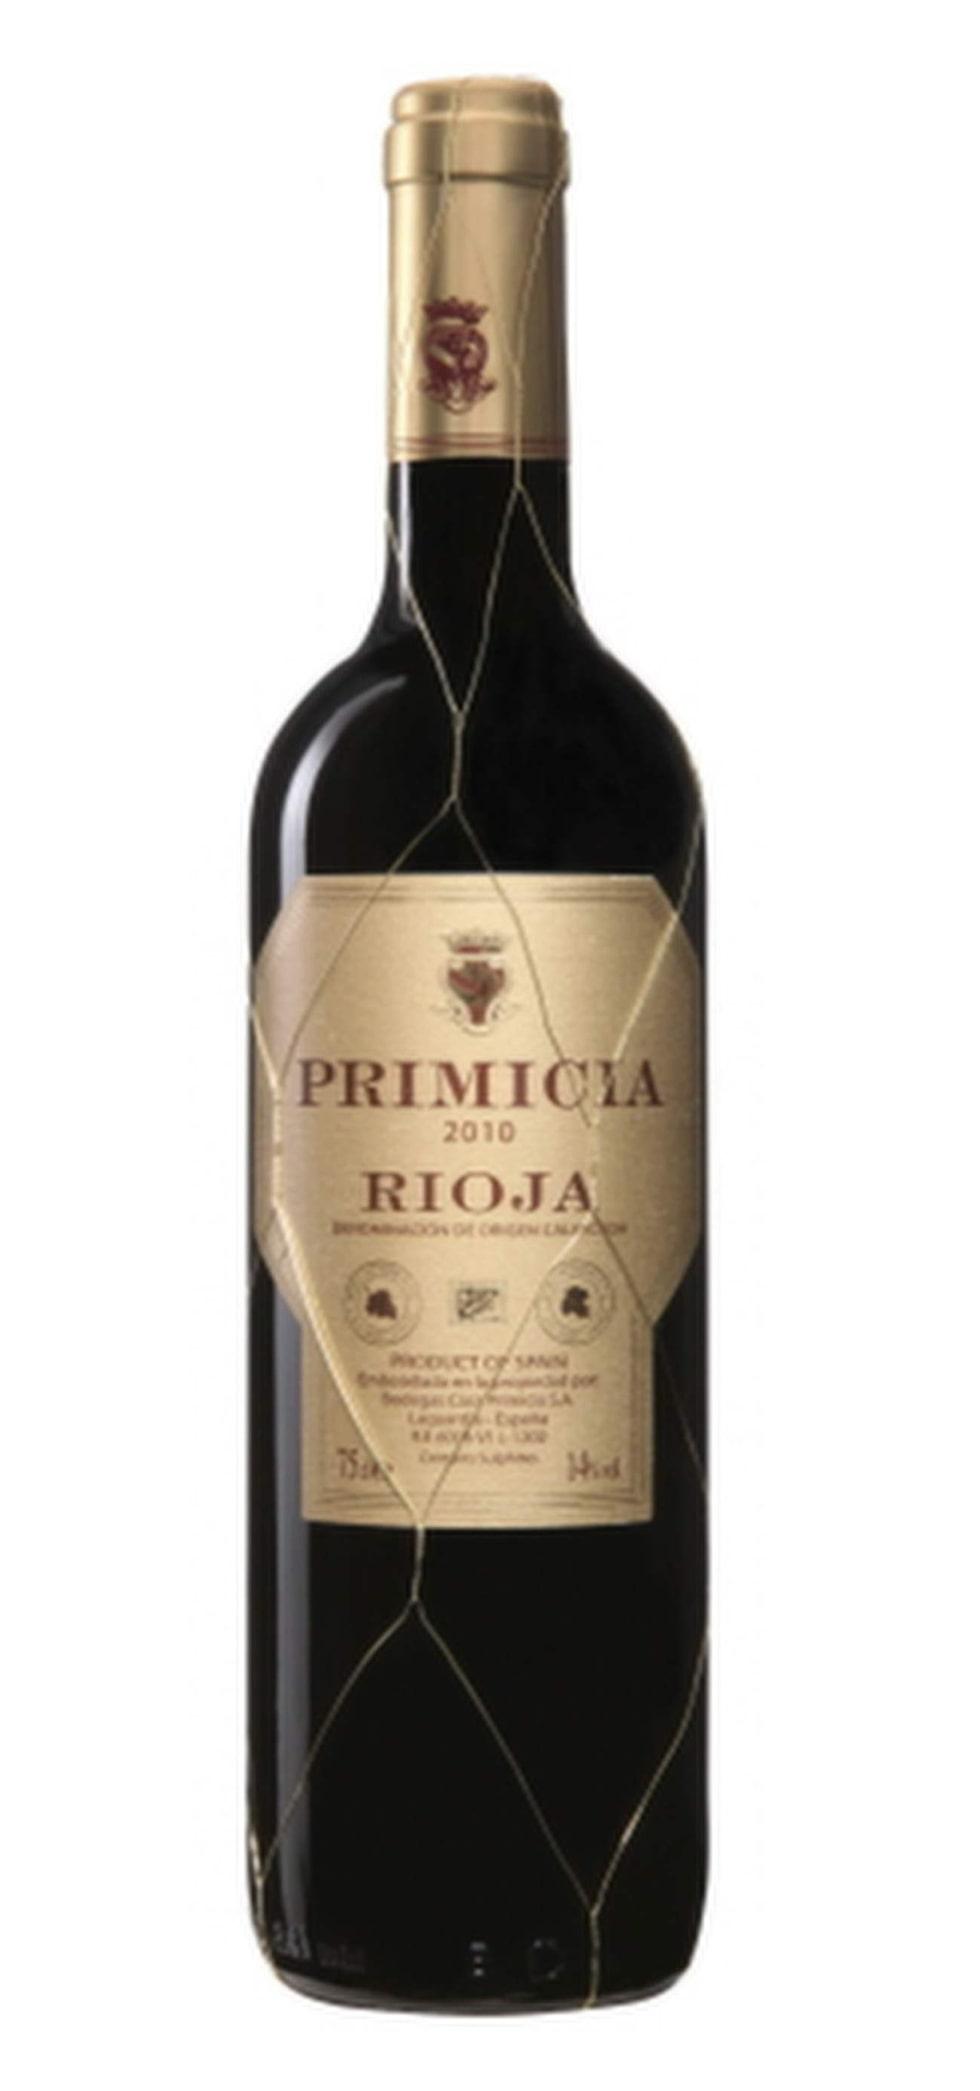 """Rött<strong><br>Primicia 2013</strong><br>(32410) Spanien, 71 kronor<br>Riojavin i mjuk stil med toner av mogna mörka bär och aningen vaniljkrydda. Gärna till frasigt friterade bläckfiskringar.<br><exp:icon type=""""wasp""""></exp:icon><exp:icon type=""""wasp""""></exp:icon><exp:icon type=""""wasp""""></exp:icon><exp:icon type=""""wasp""""></exp:icon>"""